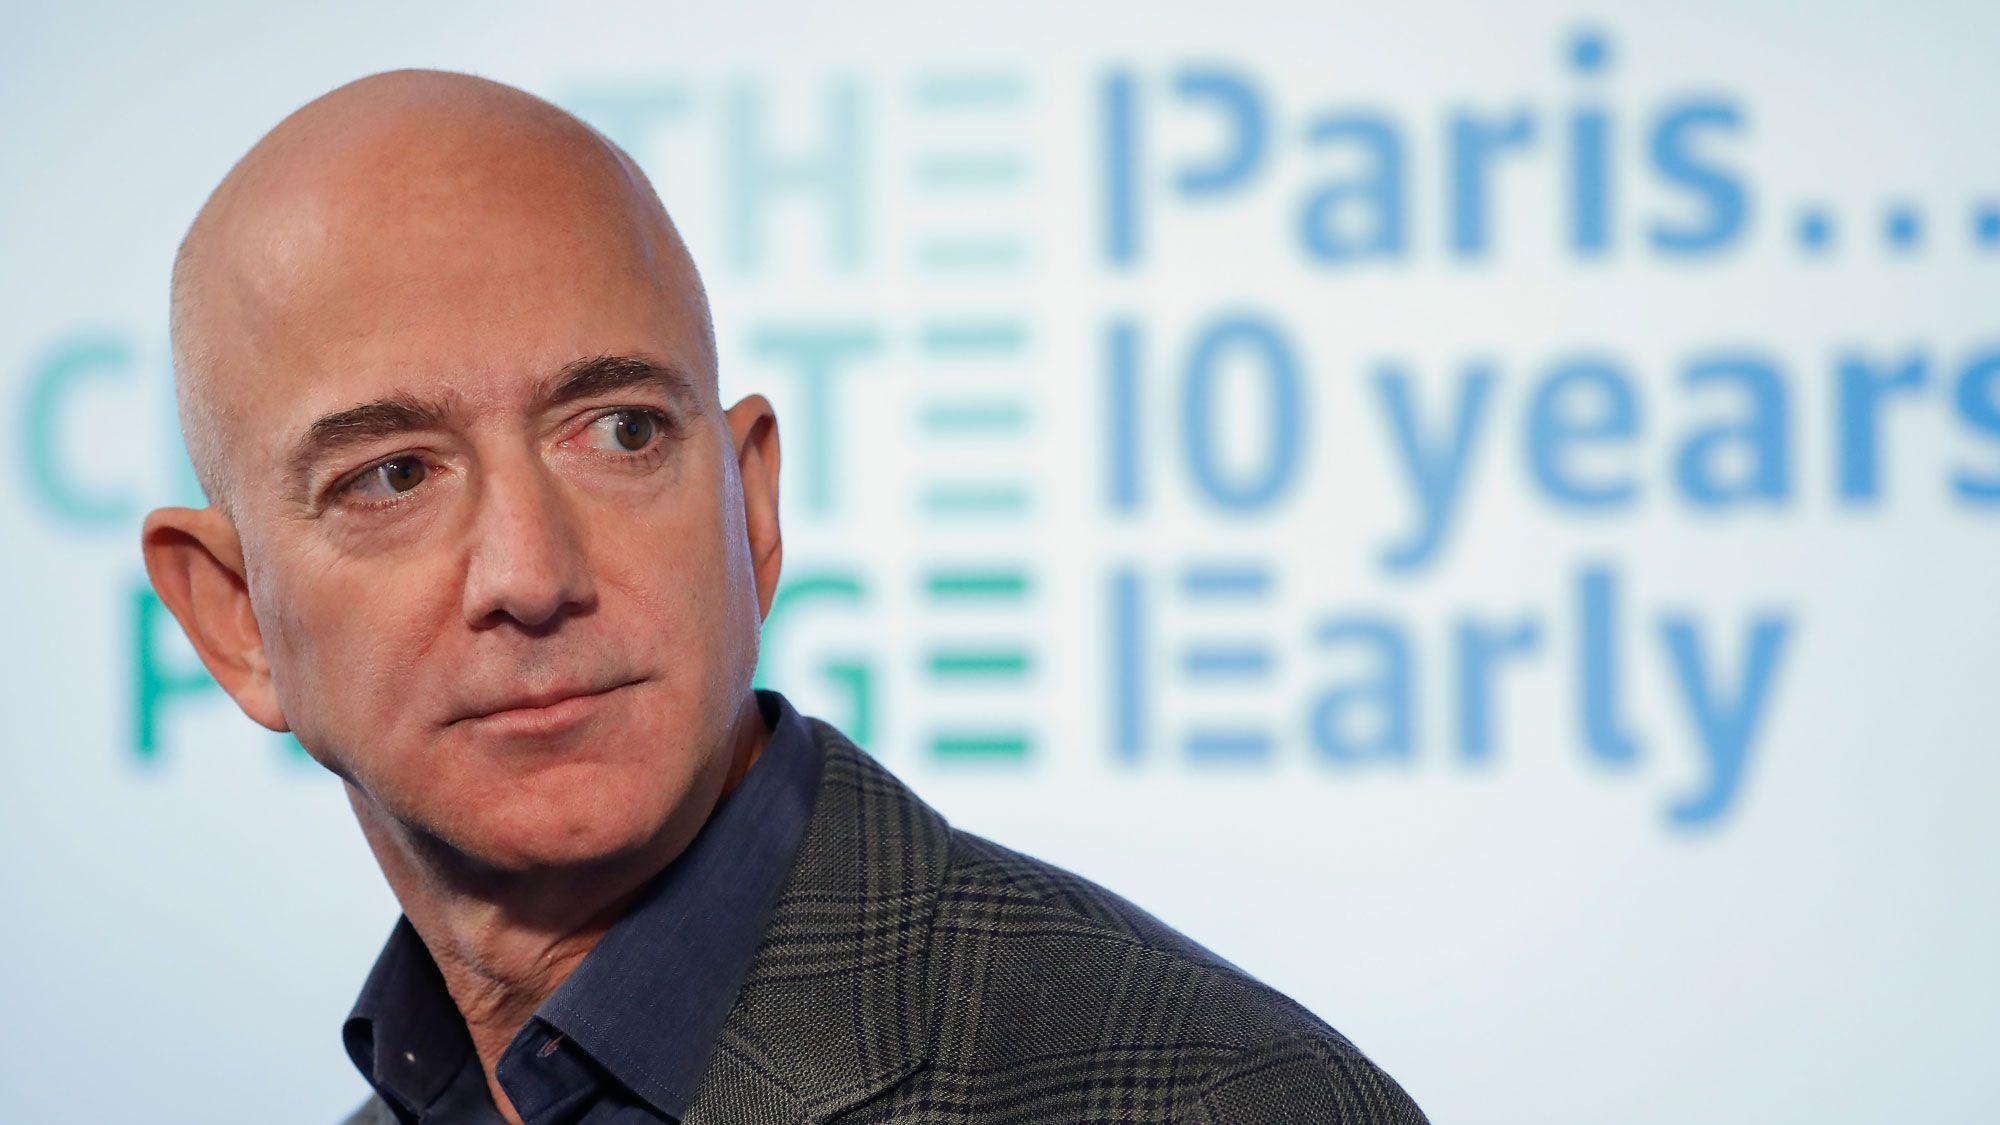 アマゾン、2040年までにCO2排出量ゼロへ